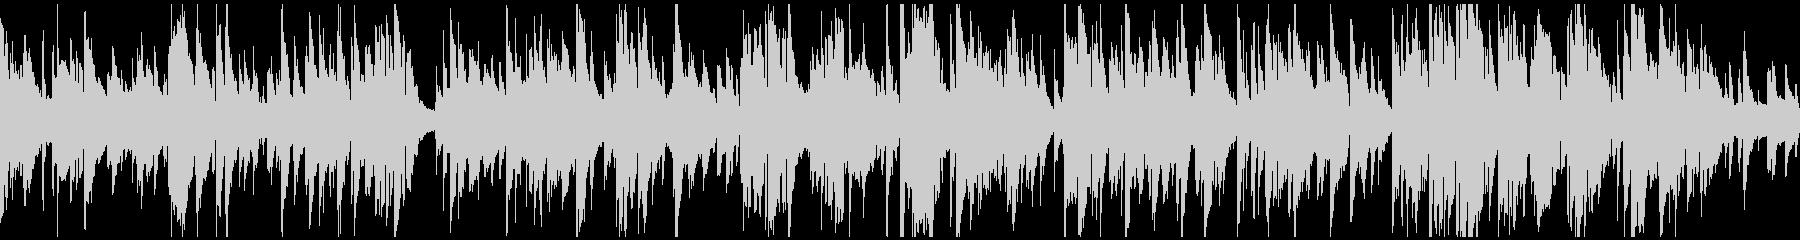 ソフトな音色のスロージャズ ※ループ版の未再生の波形